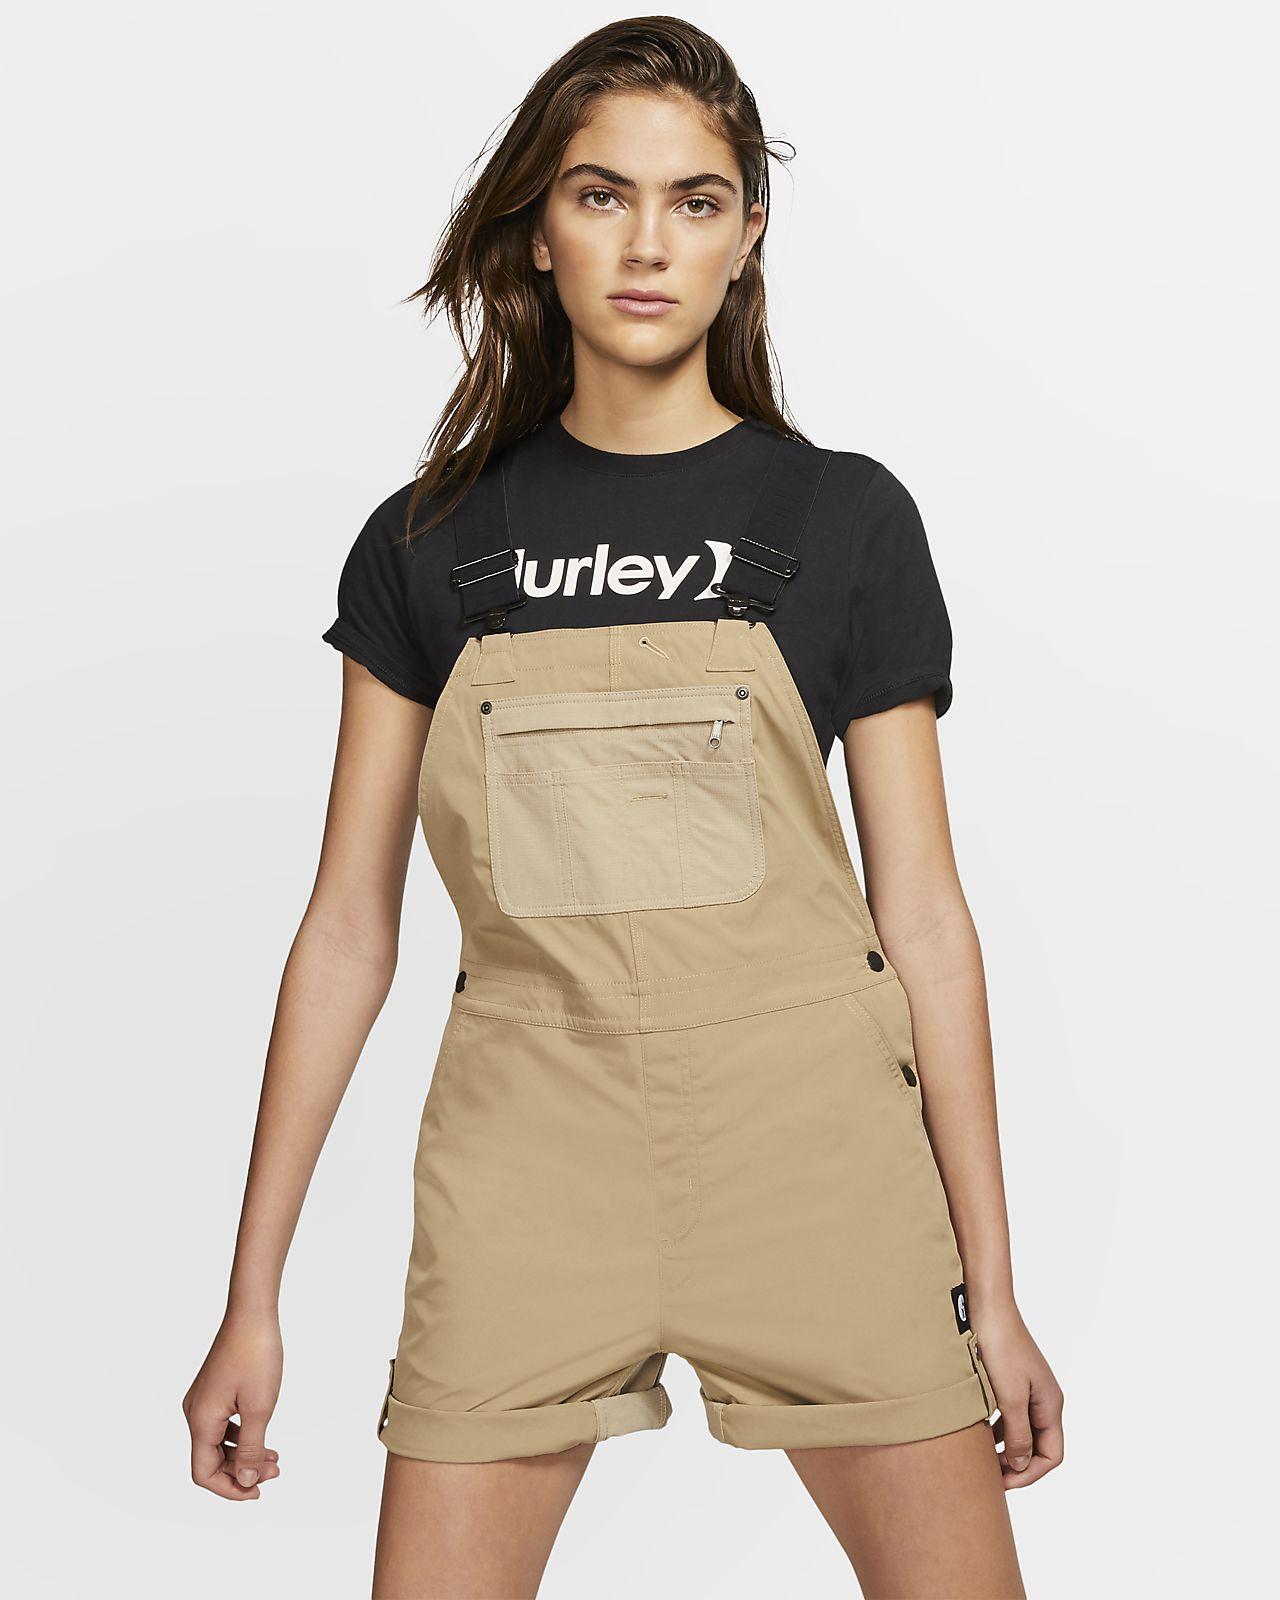 Hurley x Carhartt Kadın Tulumu